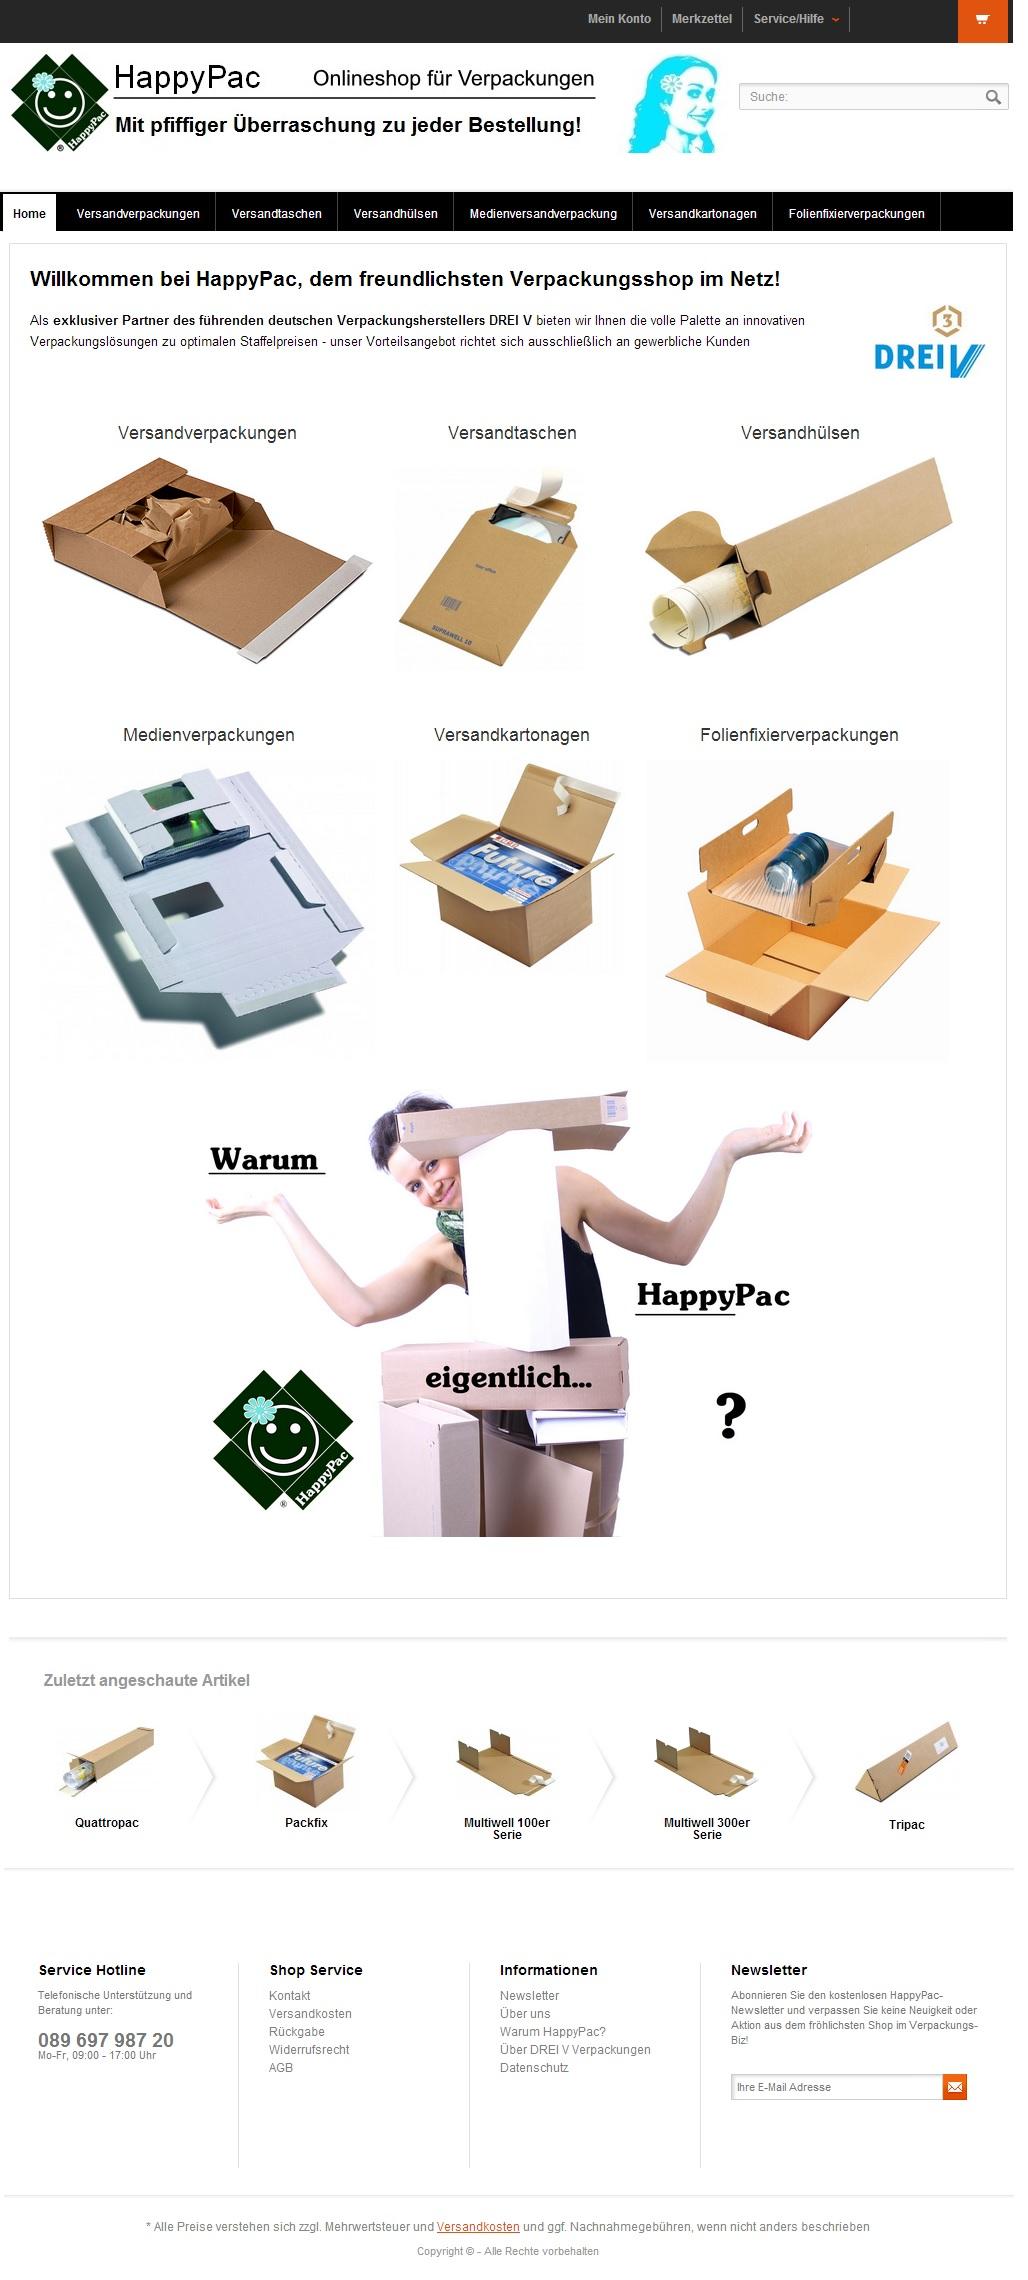 Shopware Webdesign - Webdesignleistungen - Webdesigner - BrainHive - 2